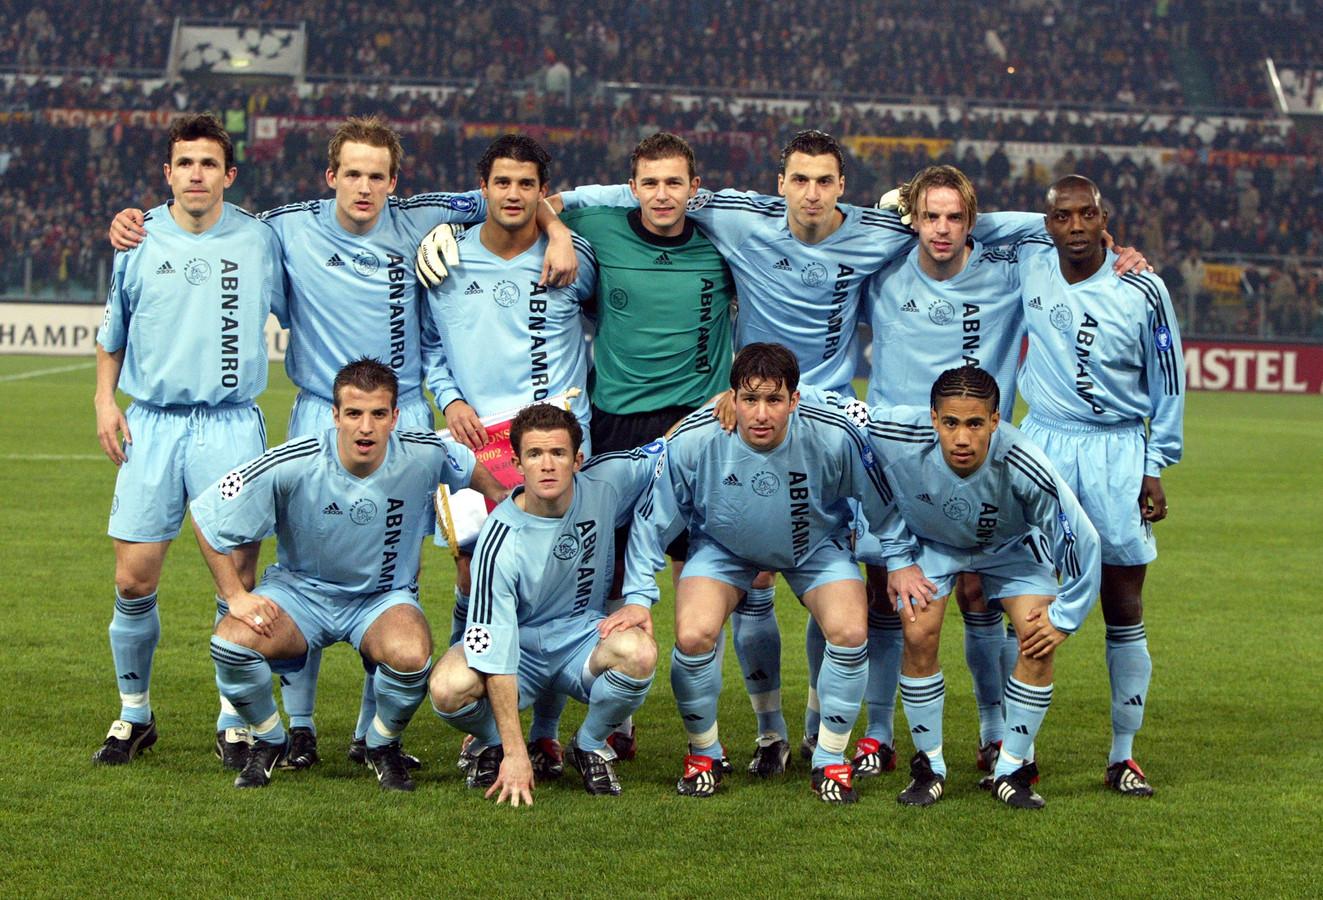 Het elftal van Ajax in 2003.